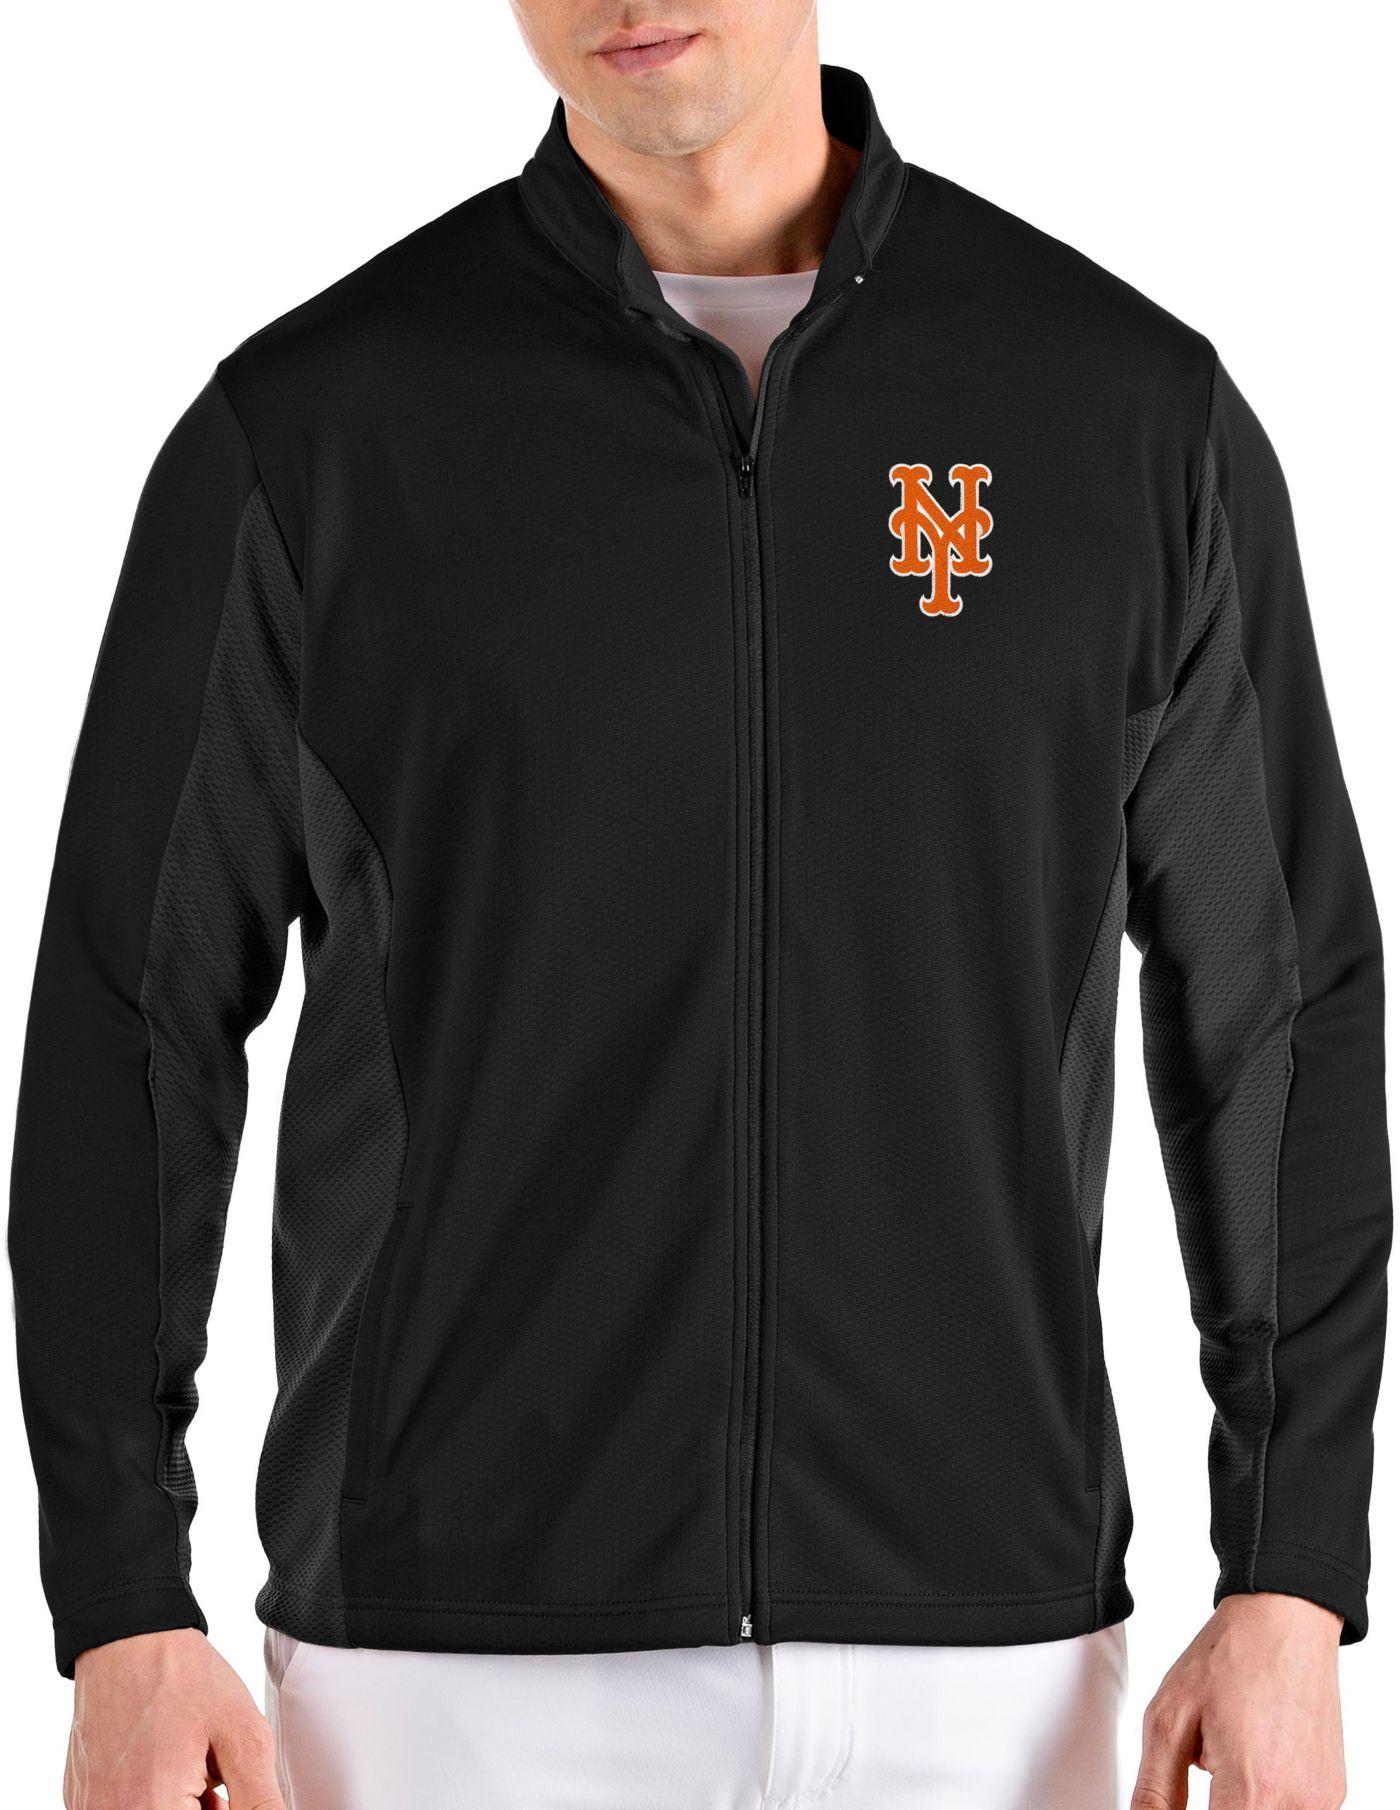 Antigua Men's New York Mets Black Passage Full-Zip Jacket